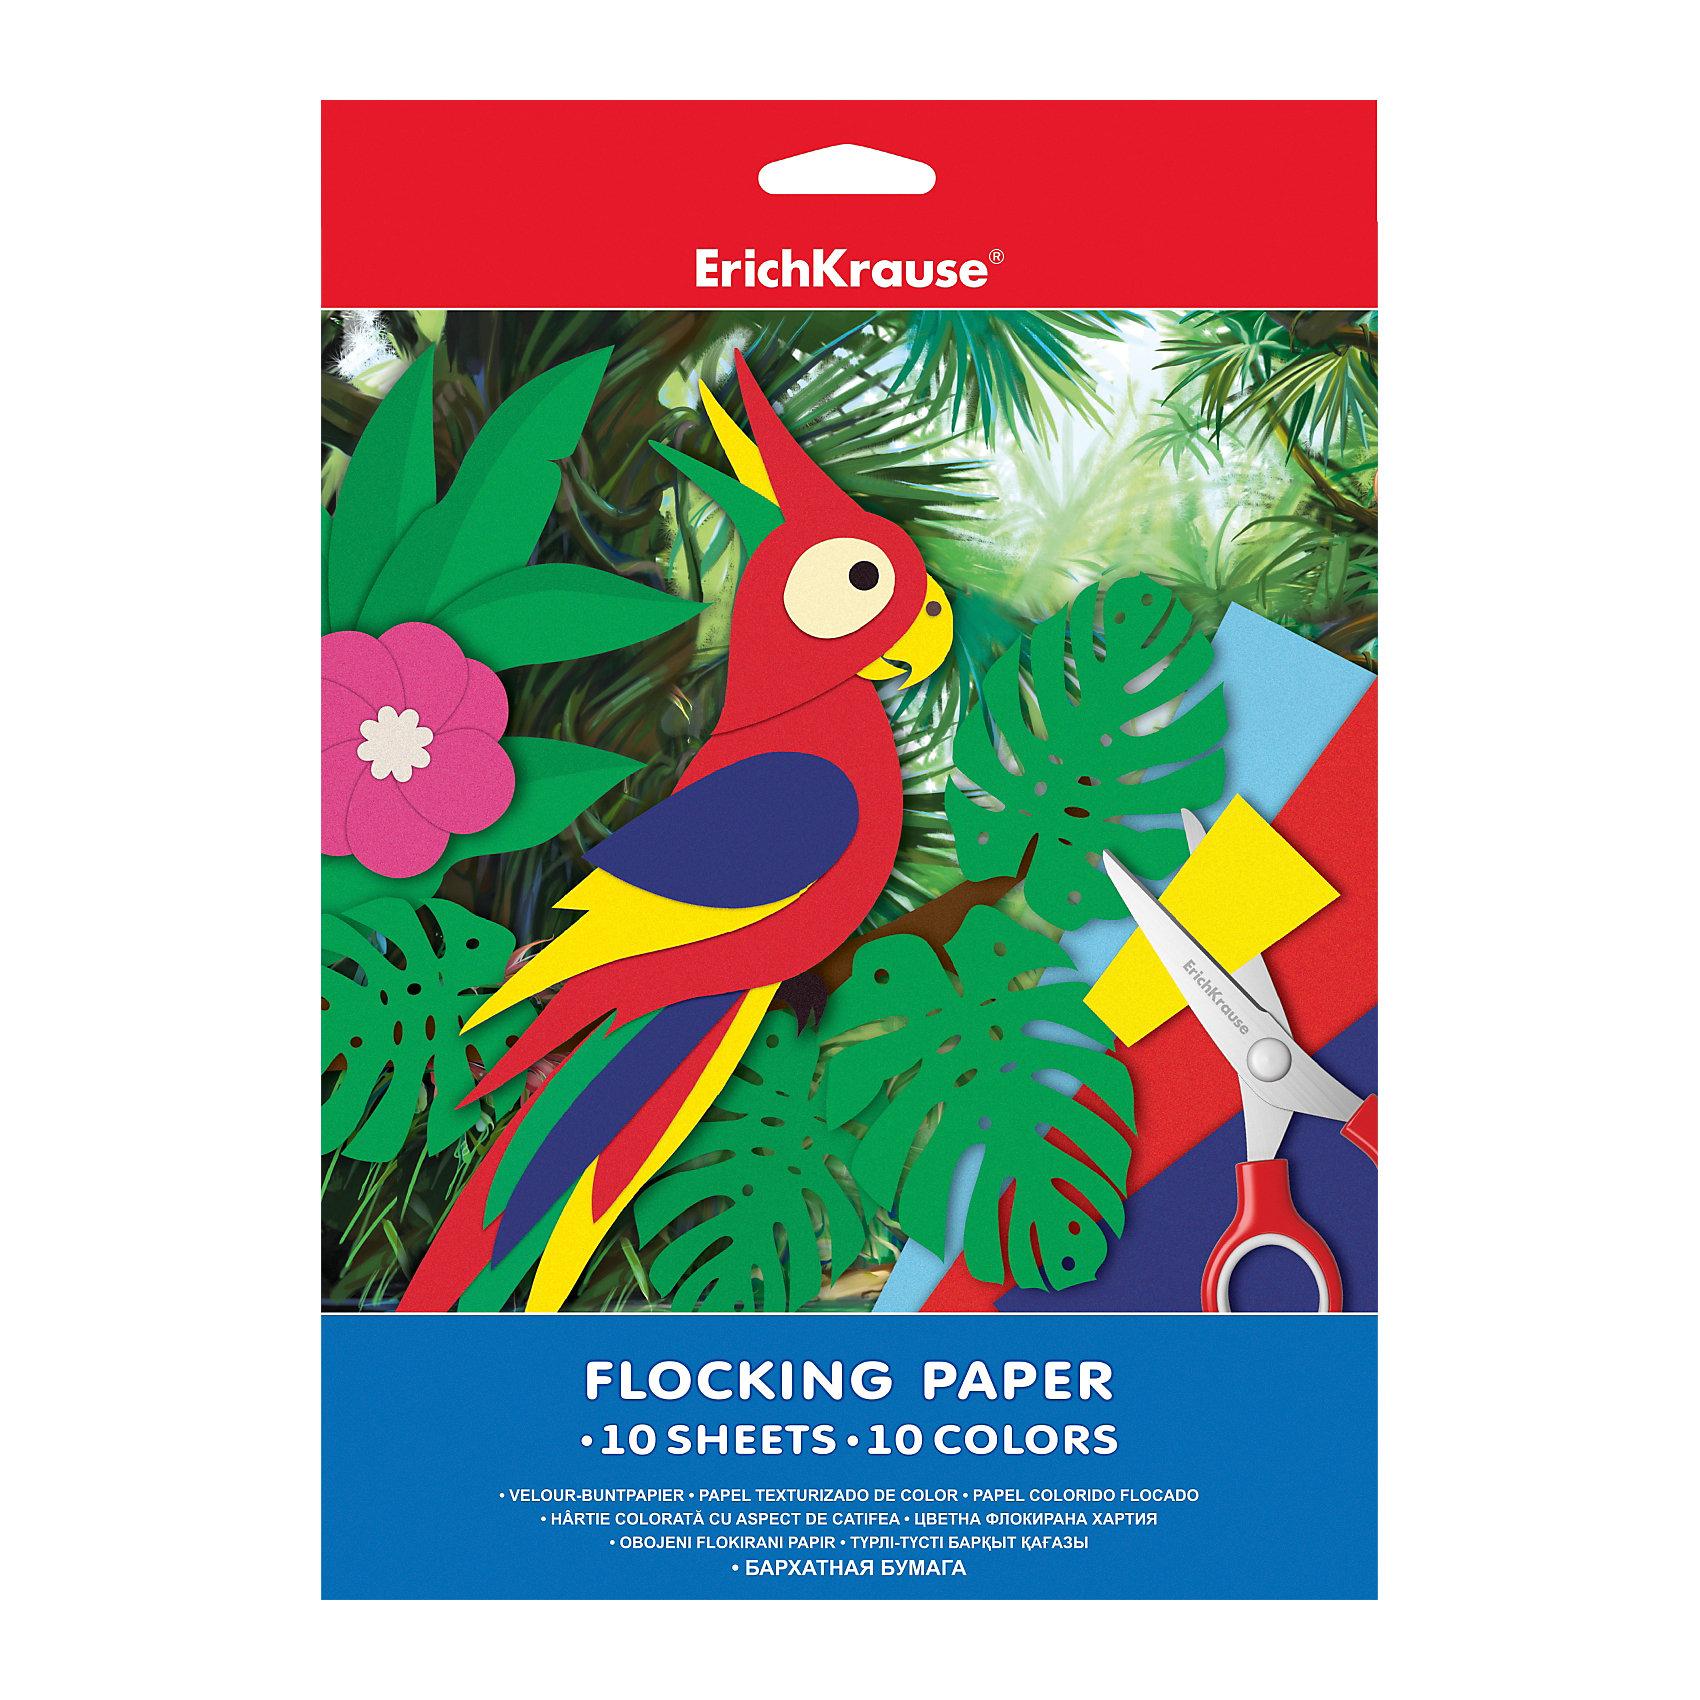 Бархатная бумага А4 (10 листов, 10 цветов)Бумажная продукция<br>Бархатная бумага - идеальный вариант для декорирования поделок, аппликаций. Она имеет бархатистую структуру, приятную наощупь,  отлично дополняет любую работу, придавая ей особый, торжественный вид.<br><br>Дополнительная информация:<br><br>- Материал: бумага, картон.<br>- Формат: А4.<br>- Количество листов: 10.<br>- Количество цветов: 10.<br><br>Бархатную бумагу А4 (10 листов, 10 цветов) можно купить в нашем магазине.<br><br>Ширина мм: 210<br>Глубина мм: 280<br>Высота мм: 5<br>Вес г: 133<br>Возраст от месяцев: 36<br>Возраст до месяцев: 108<br>Пол: Унисекс<br>Возраст: Детский<br>SKU: 4379661